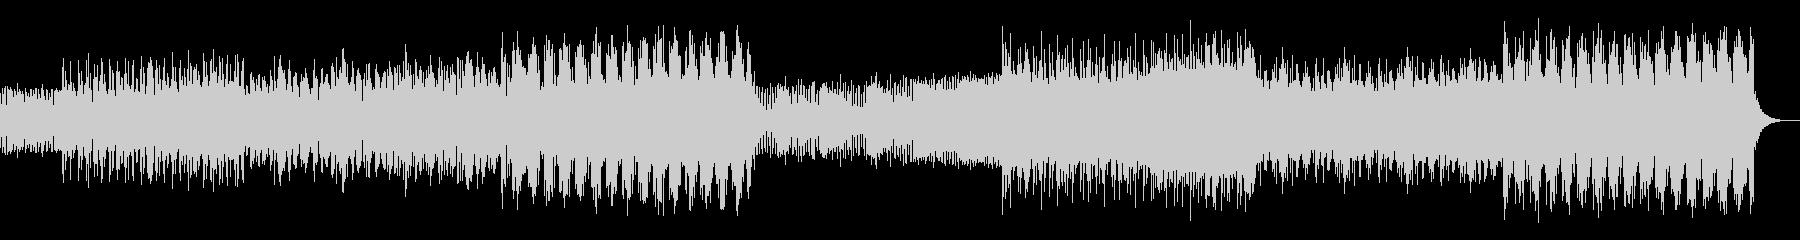 シンプルなアルペジオのテクノ01の未再生の波形